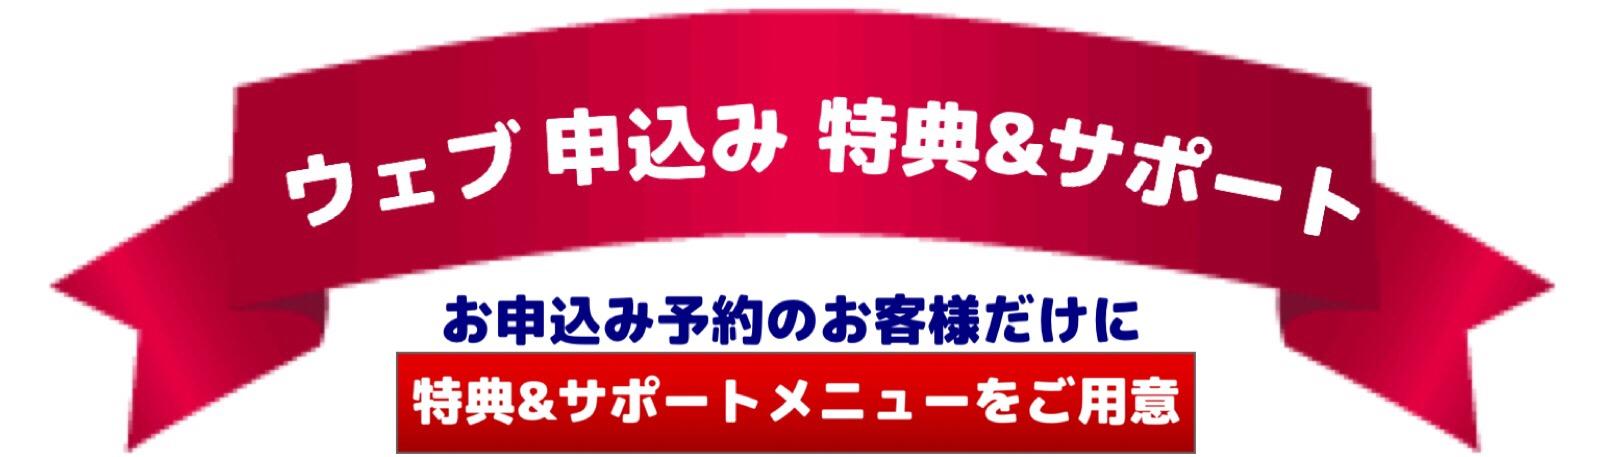 カリモク宇都宮イベント特典